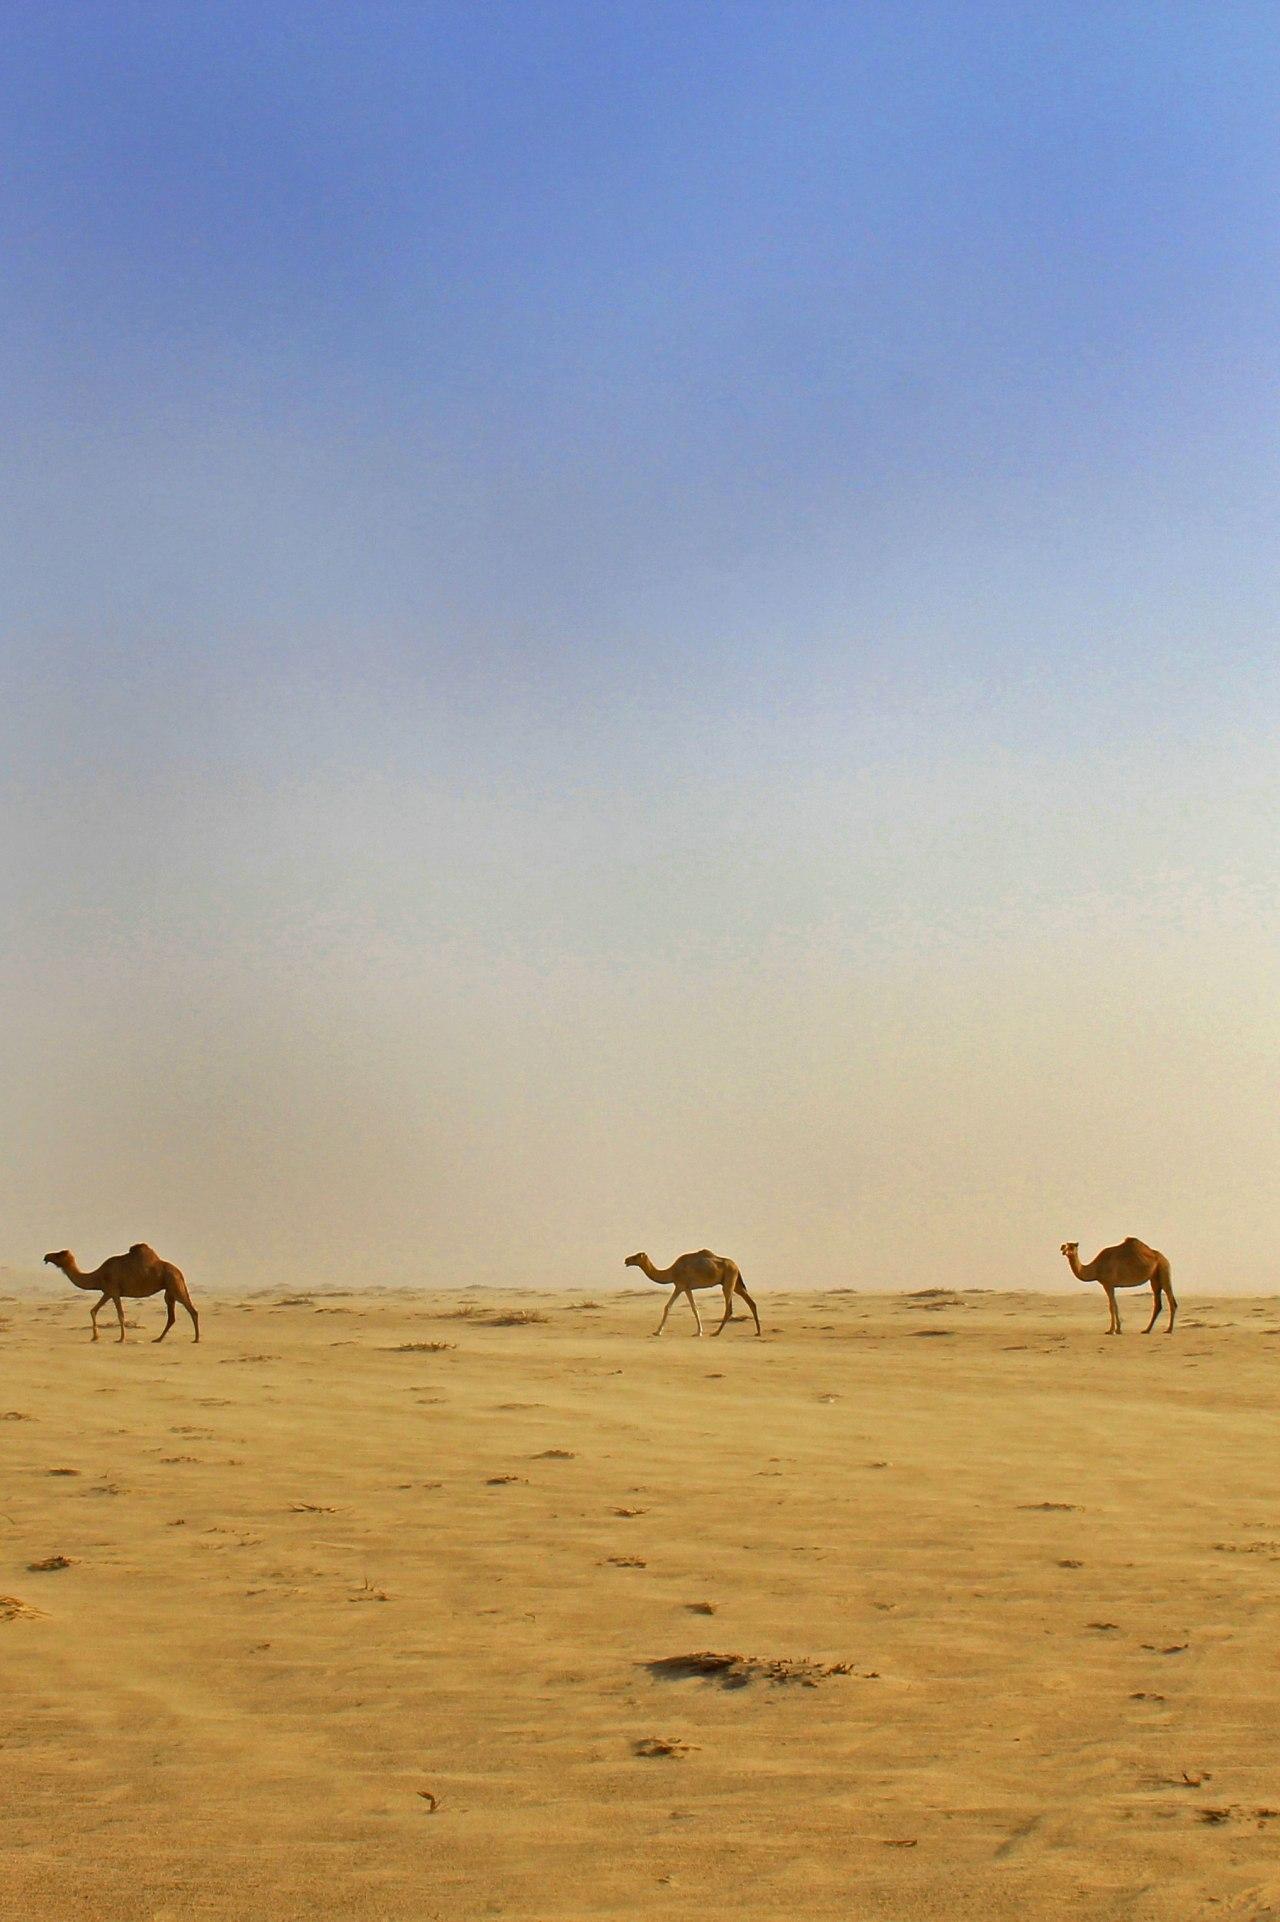 Tunisie: Chauds chauds lesdromadaires!